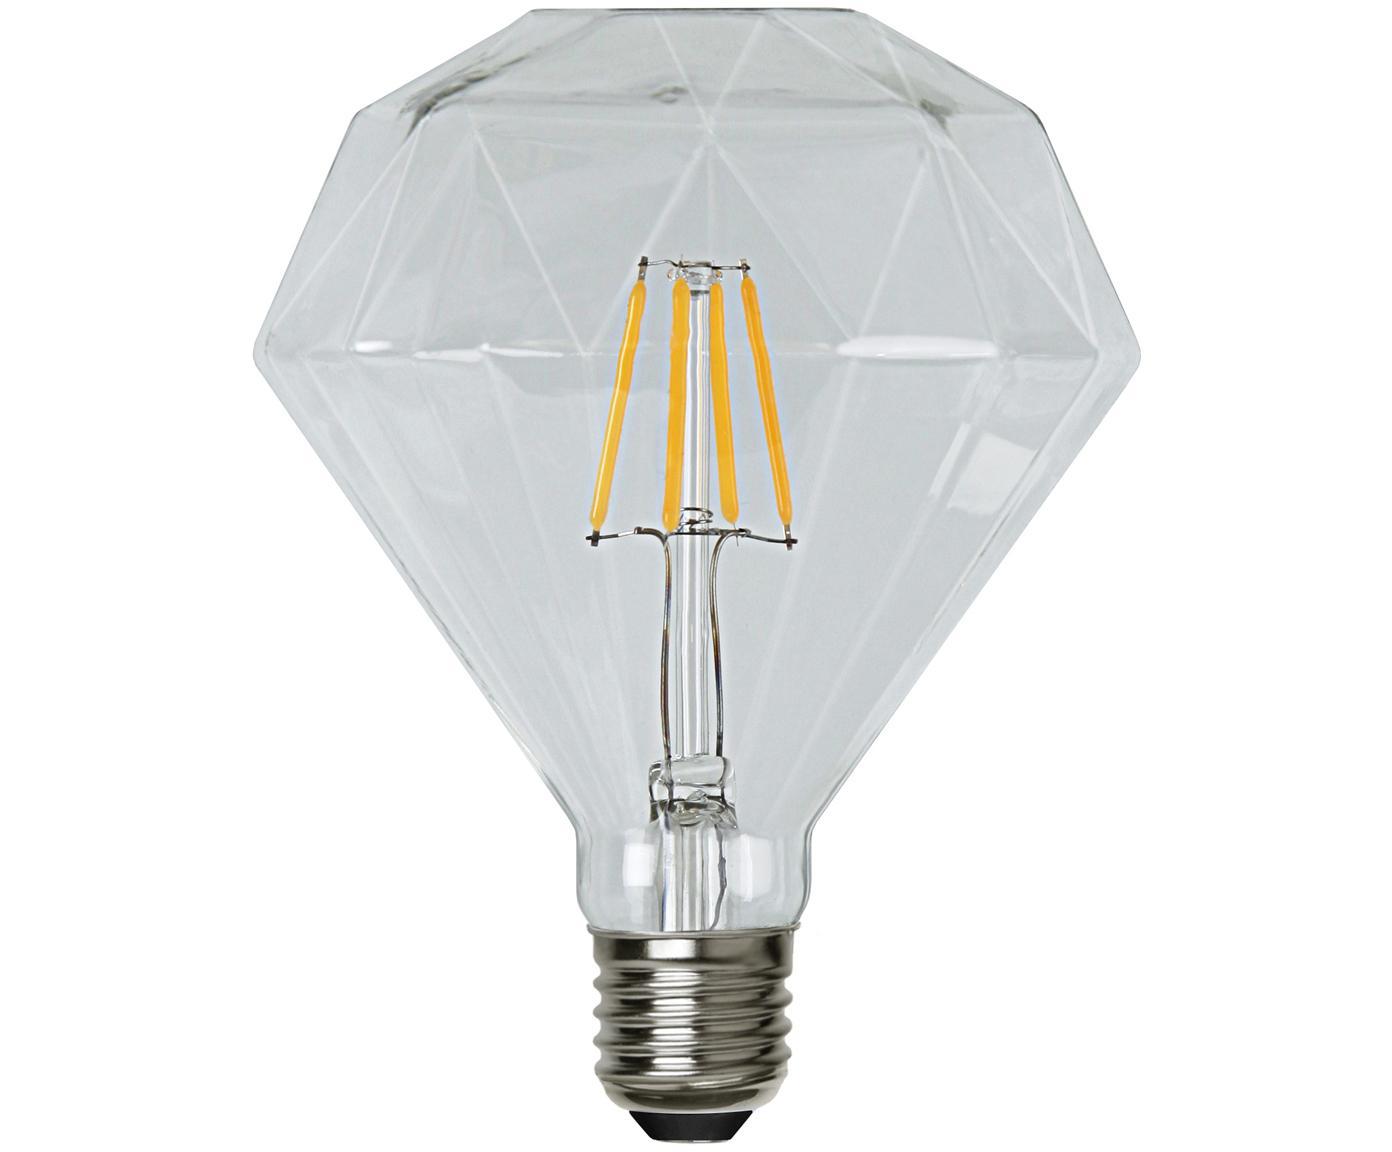 LED Leuchtmittel Diamond (E27/3W), Leuchtmittelschirm: Glas, Leuchtmittelfassung: Nickel, Transparent, Ø 12 x H 13 cm